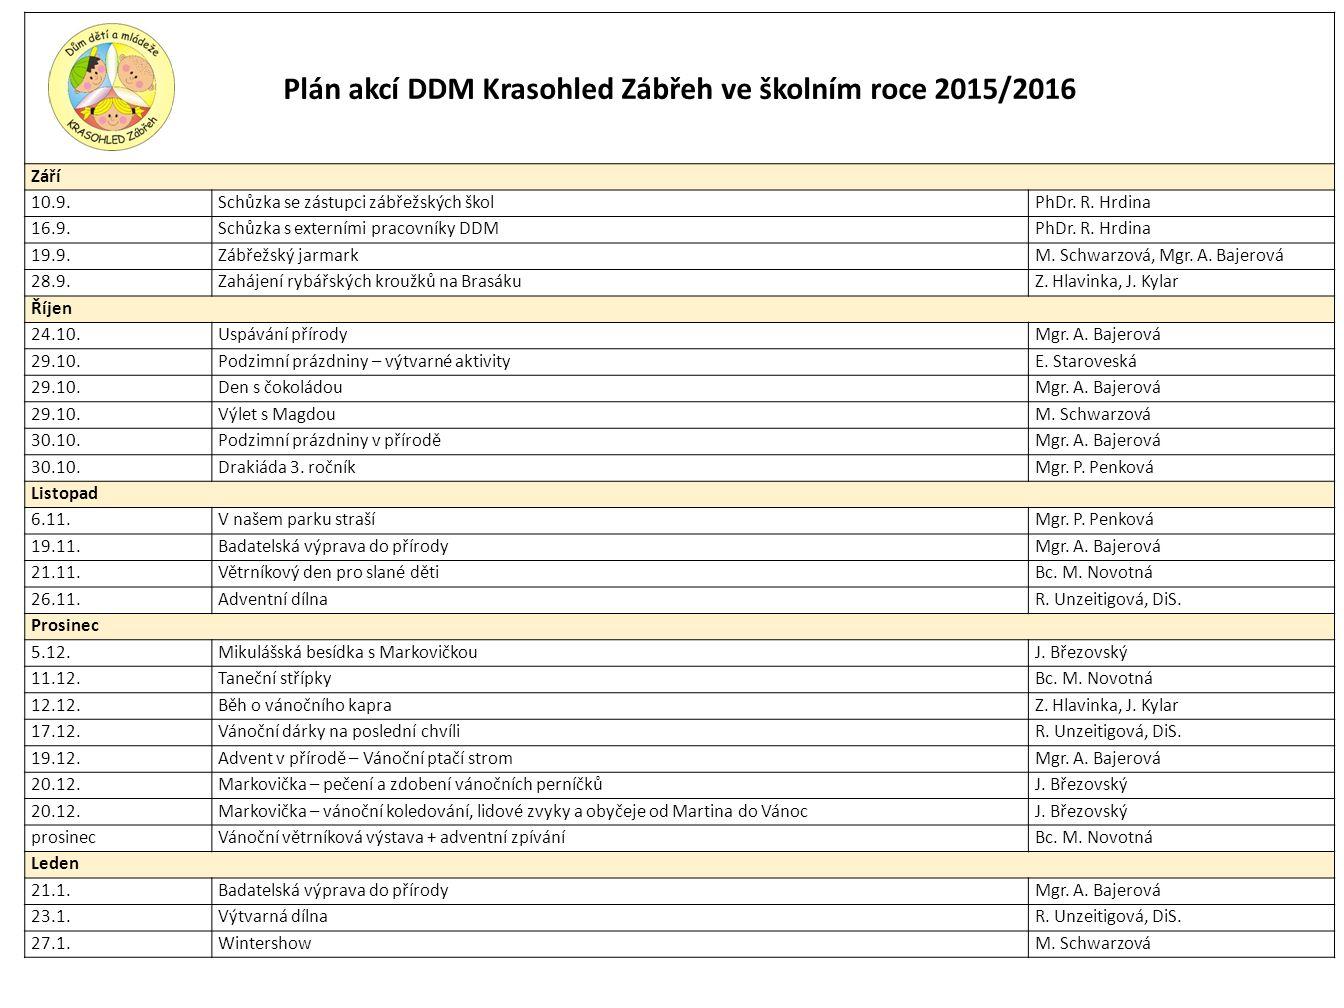 Únor 14.2.Markovička – MasopustJ.Březovský 15. - 19.2.Výtvarné aktivity – jarní prázdninyR.